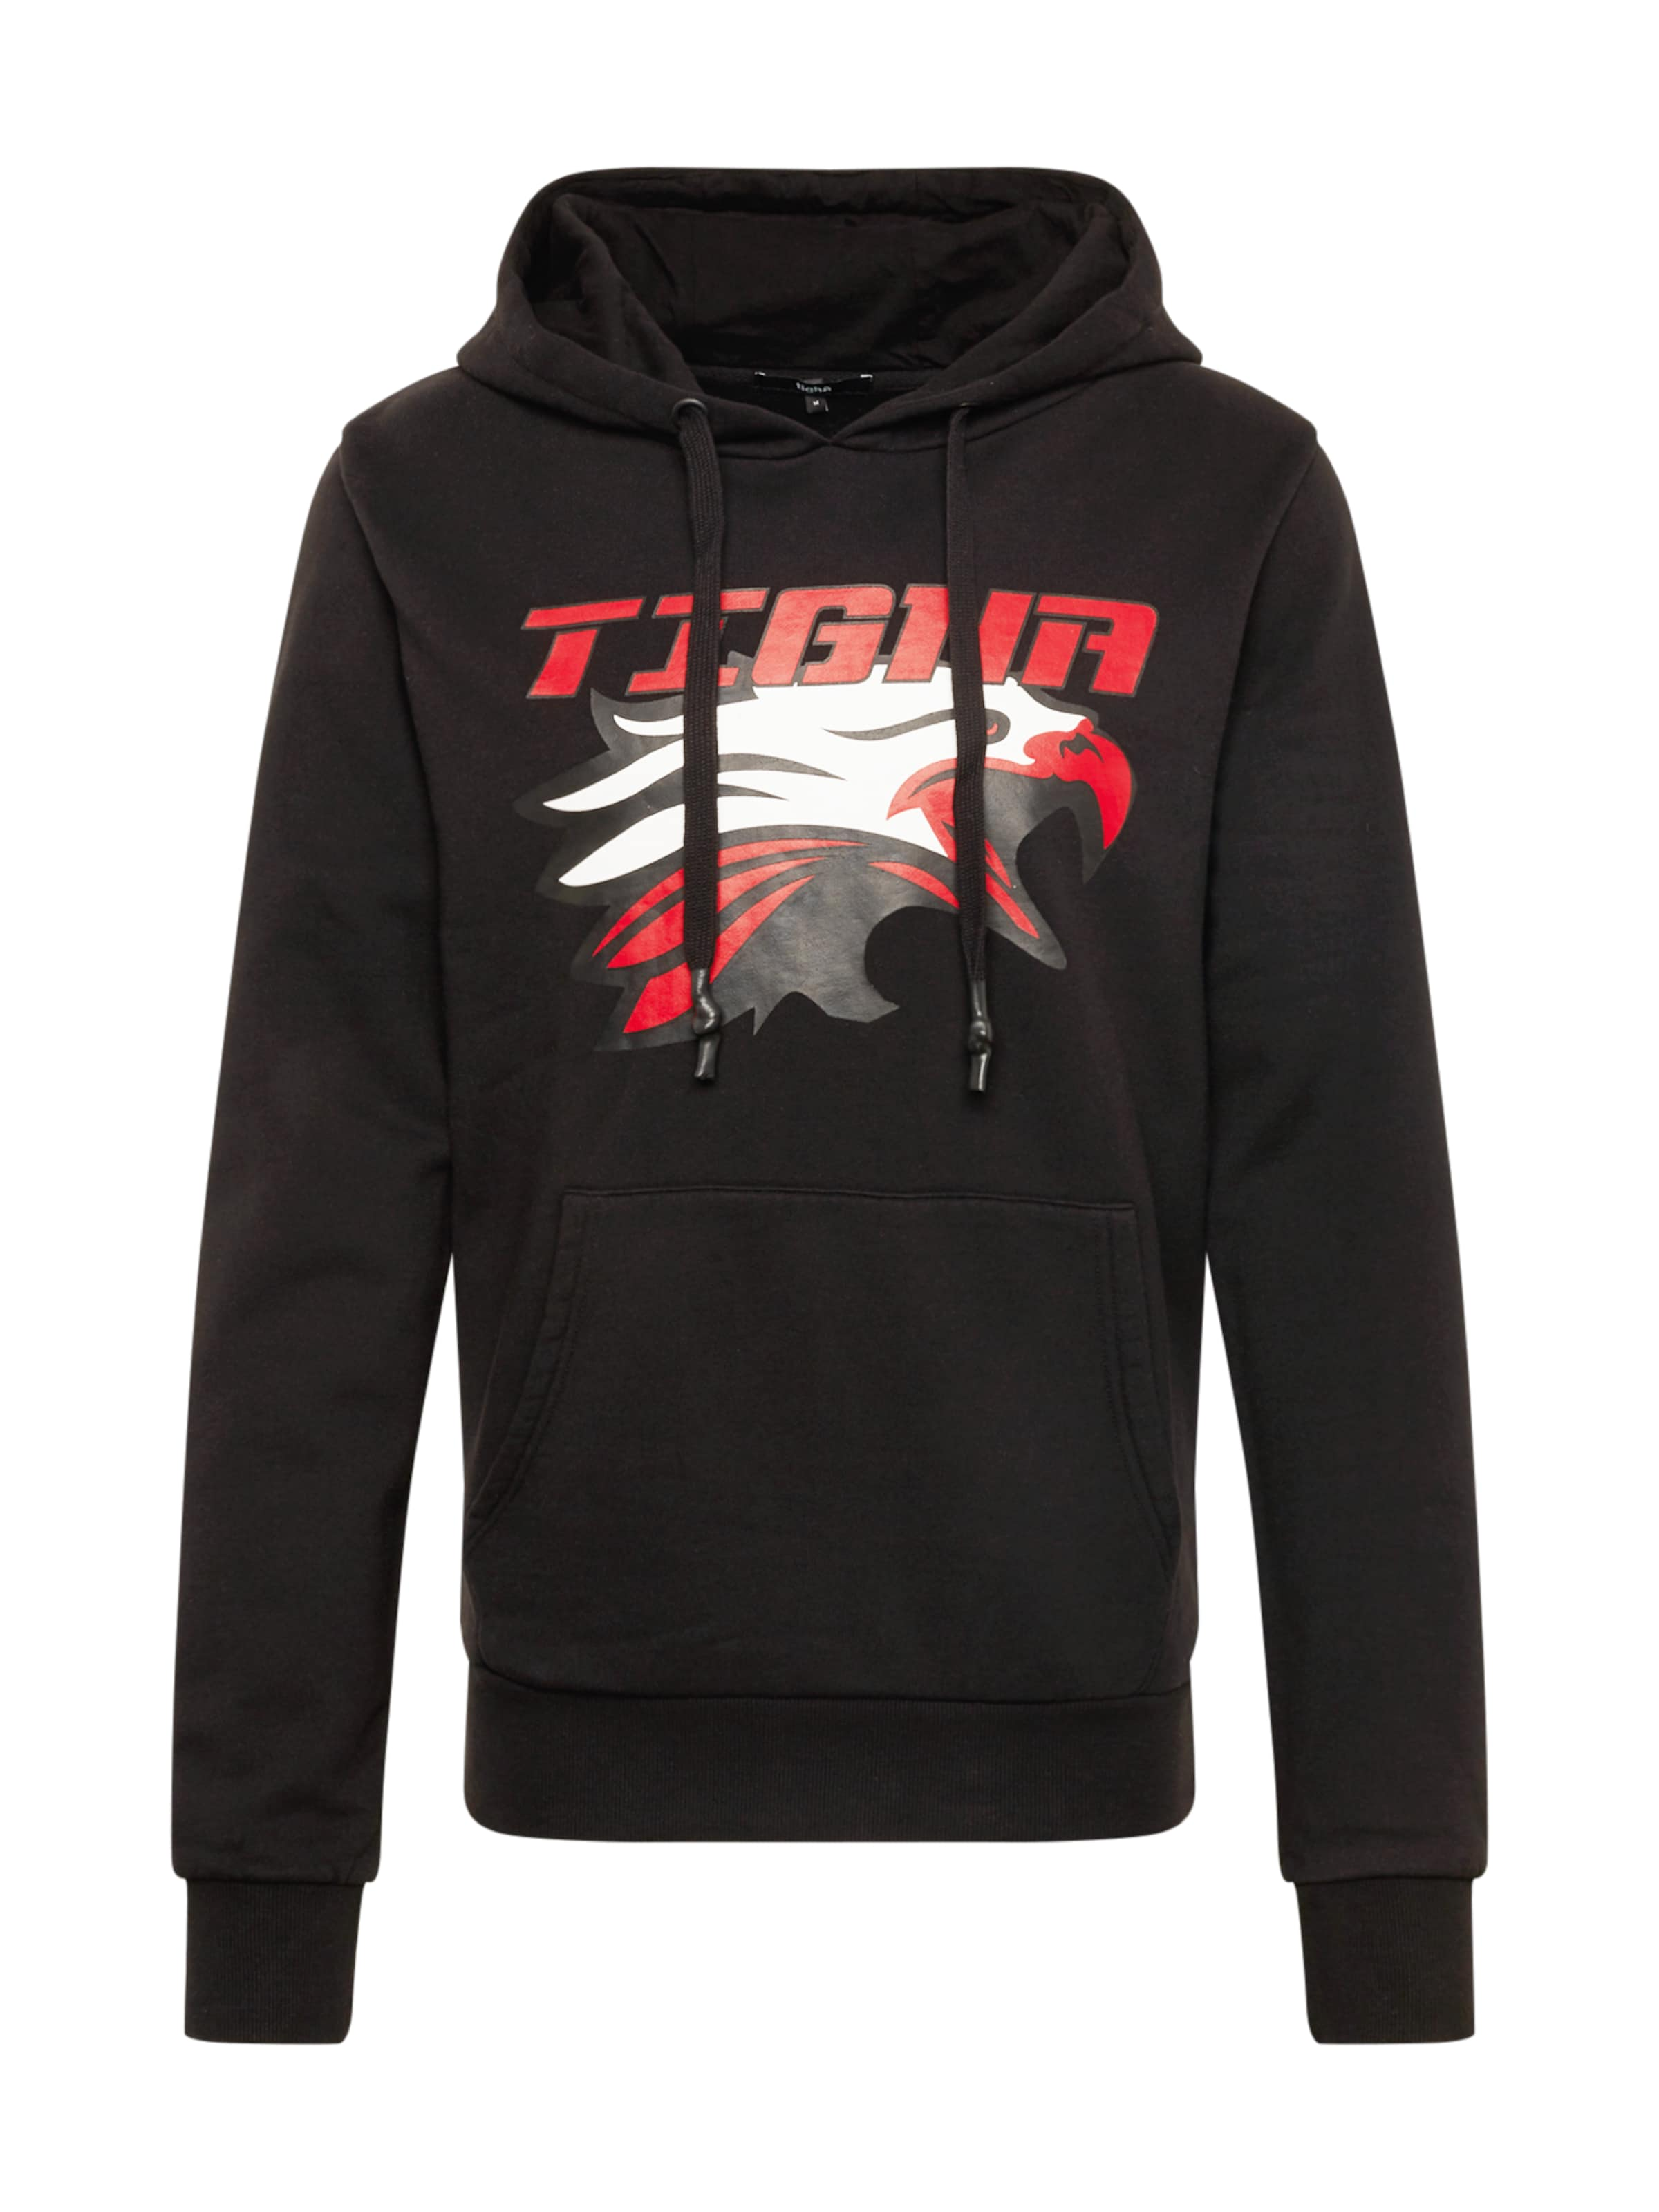 In 'flinn' Tigha Sweatshirt 'flinn' Schwarz Tigha Sweatshirt In Schwarz mNn0O8wv